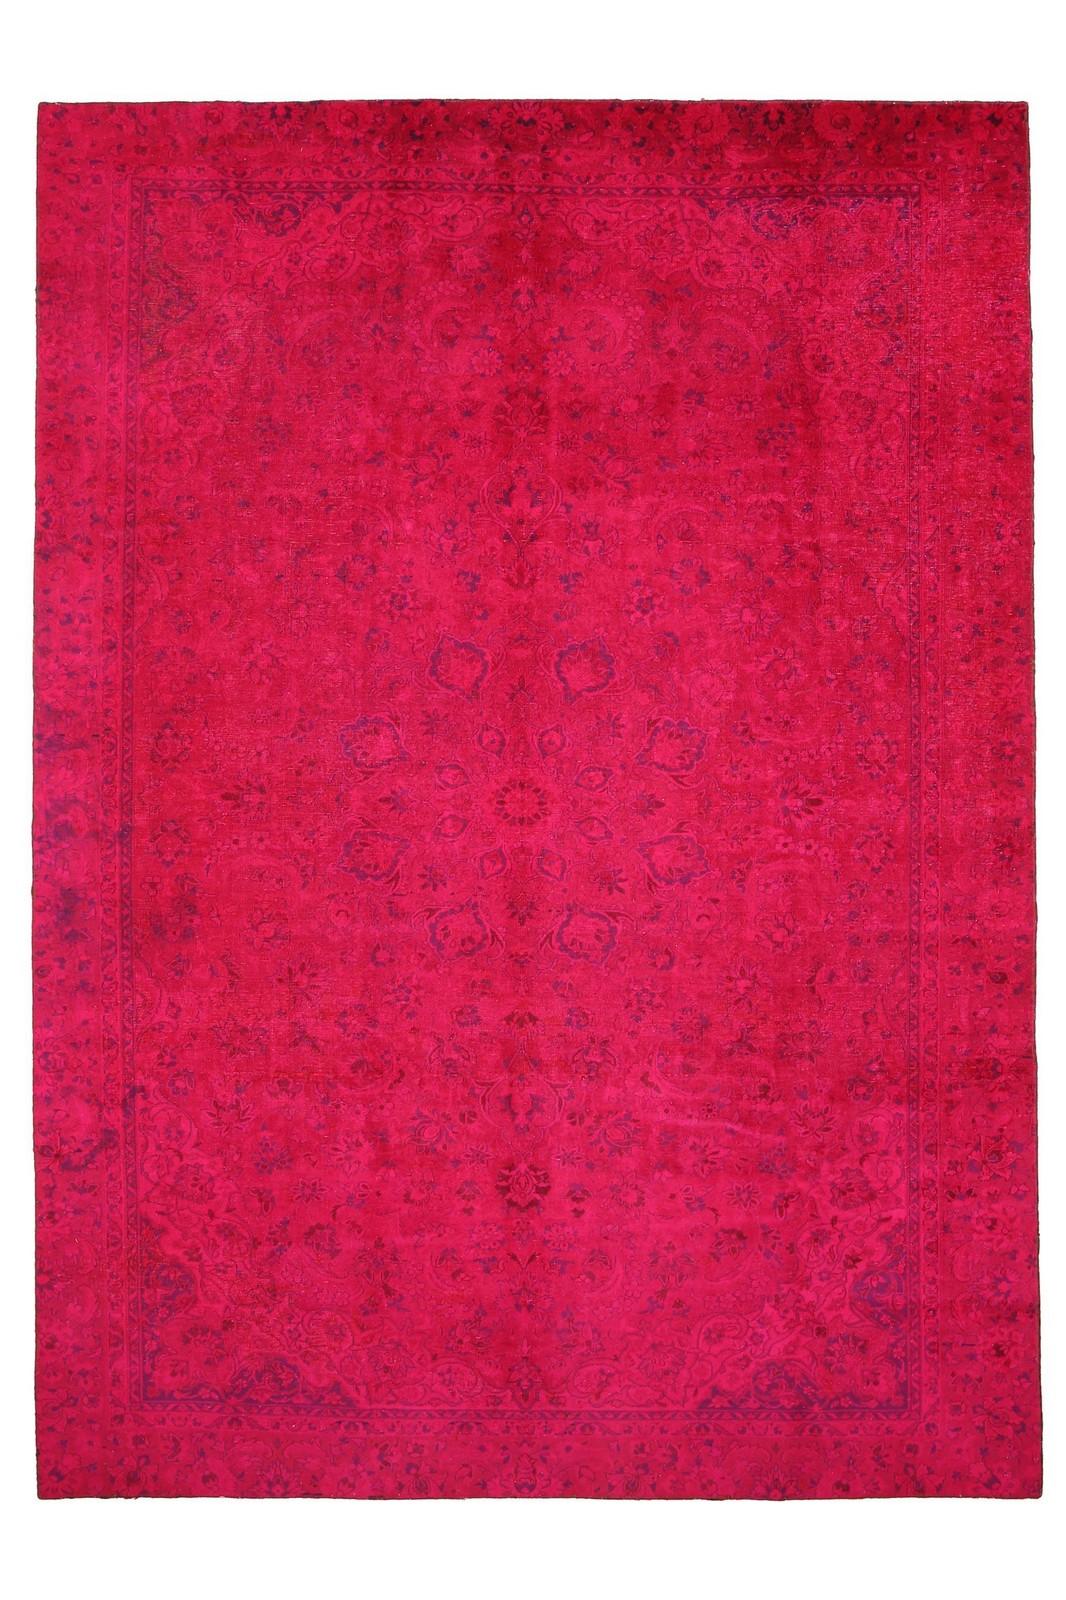 Persisk Vintage tæppe, 354 x 252 cm - Persisk Vintage tæppe. Ældre persisk tæppe, stenvasket og genfarvet i pink. På bagside monteret med gråt stof. 354 x 252 cm